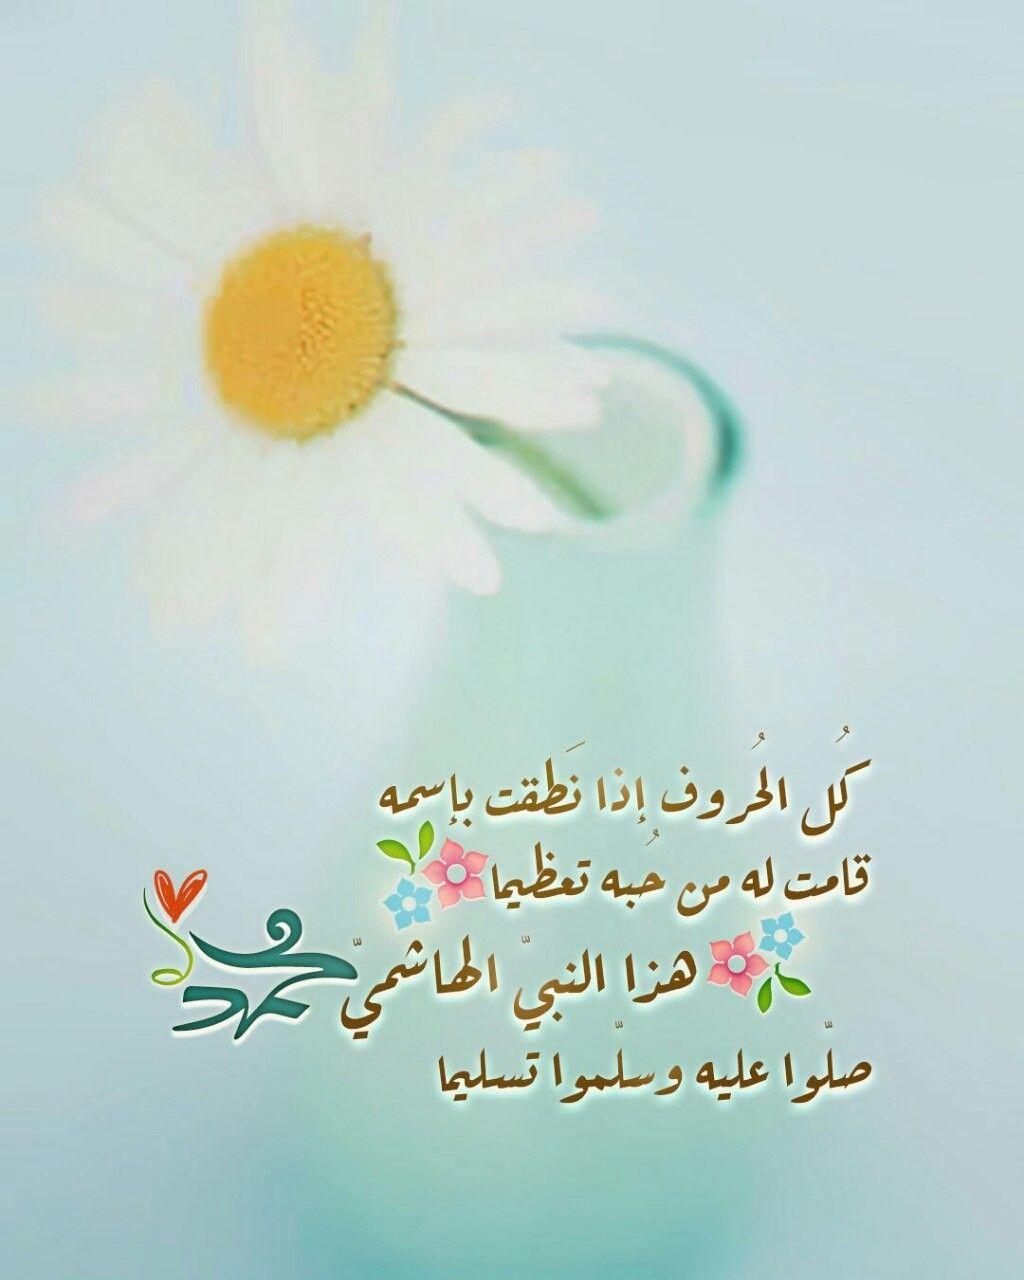 اللهم صل على محمد وعلى آله واصحابه اجمعين وسلم تسليما كثيرا Friday Messages Islamic Pictures Book Quotes